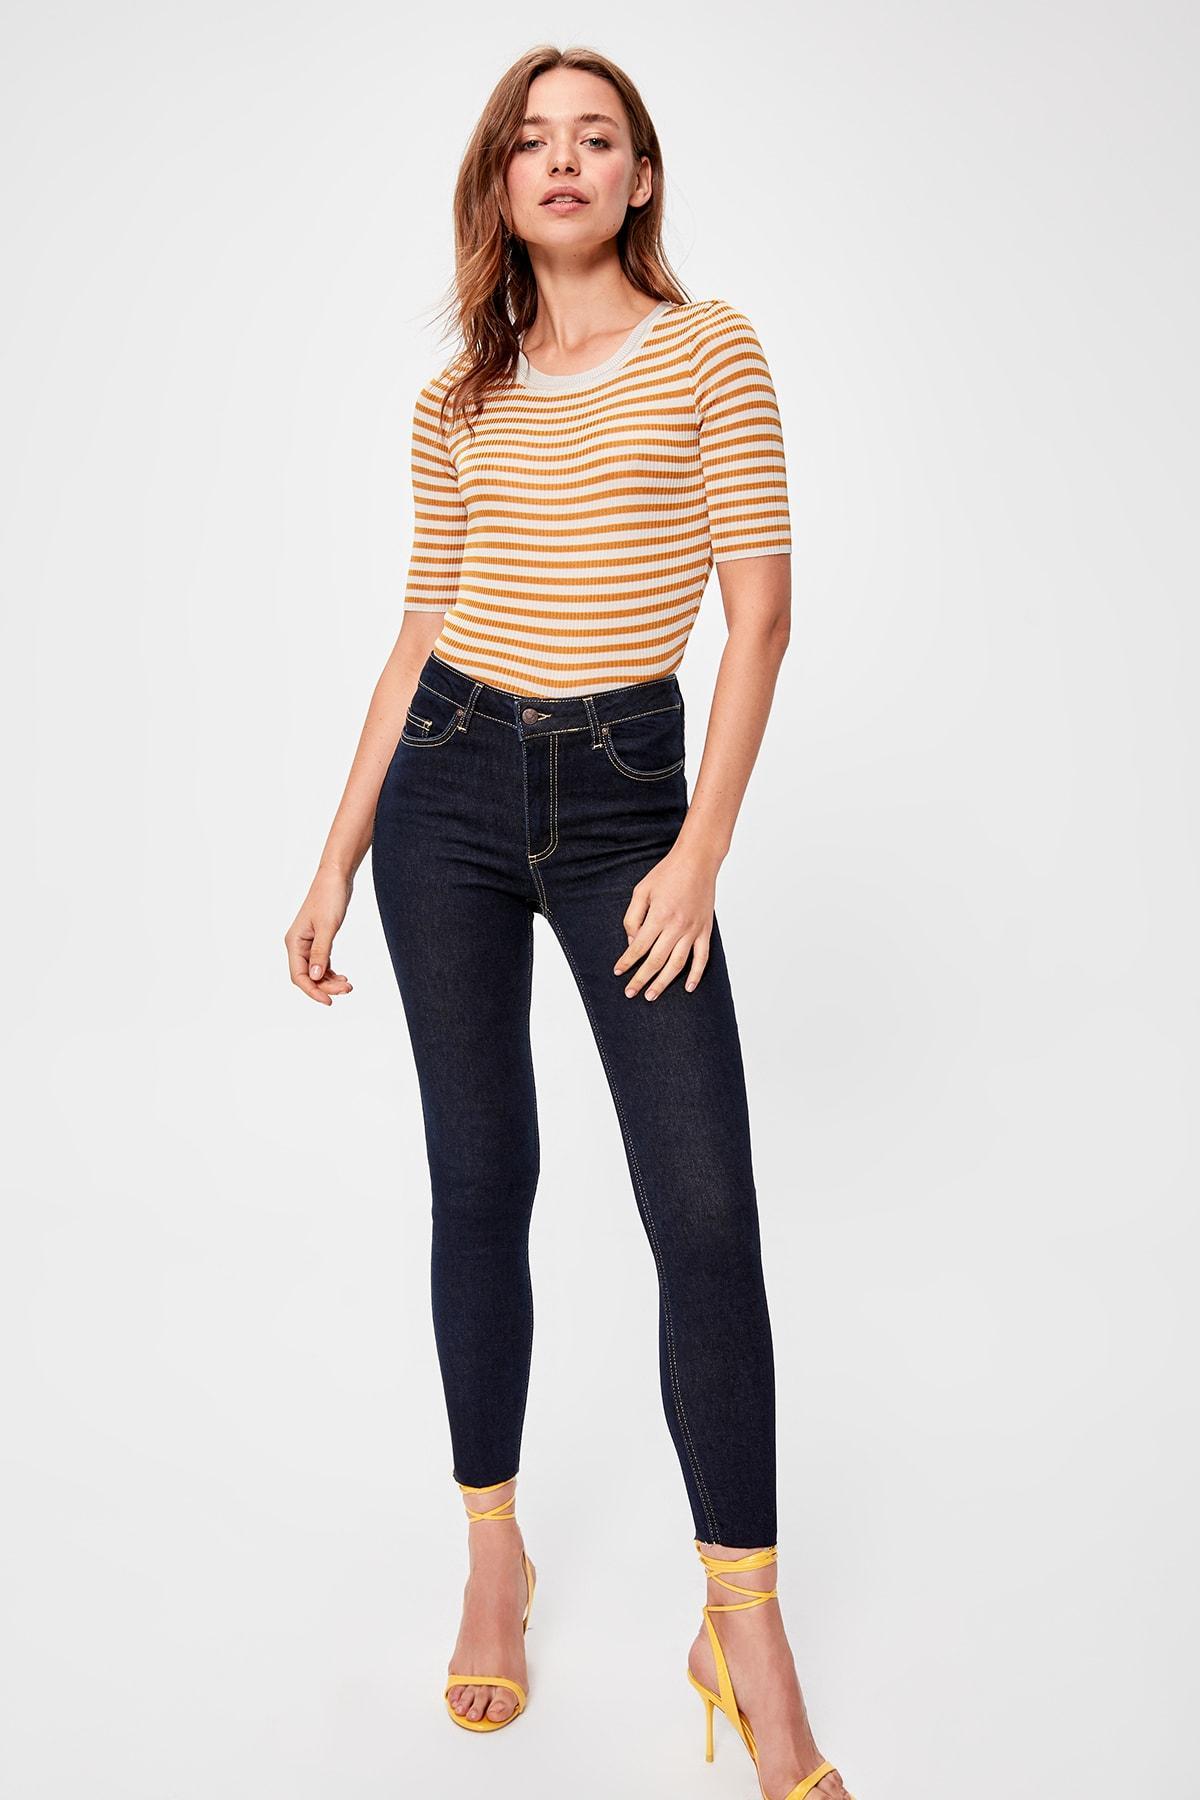 Trendyol Navy Pettitoes Discrete High Waist Skinny Jeans TWOAW20JE0176